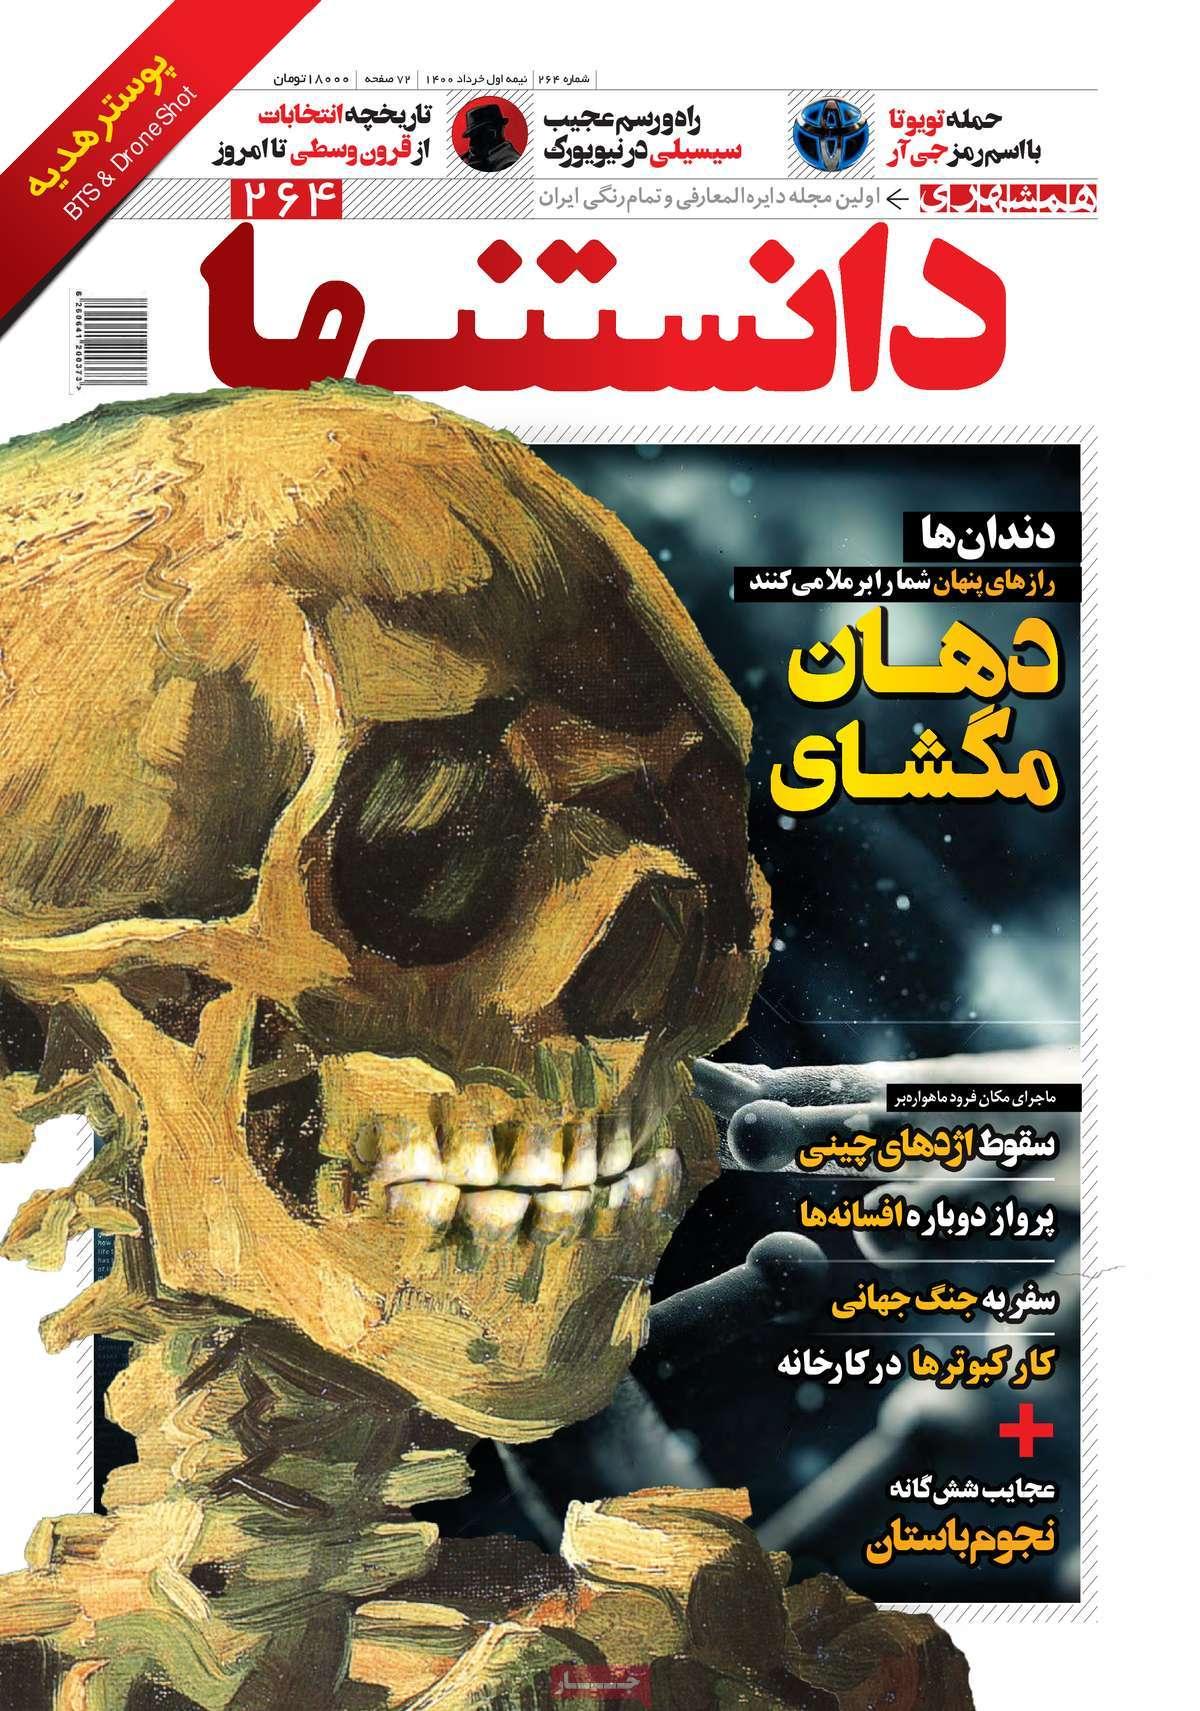 مجله همشهری دانستنیها